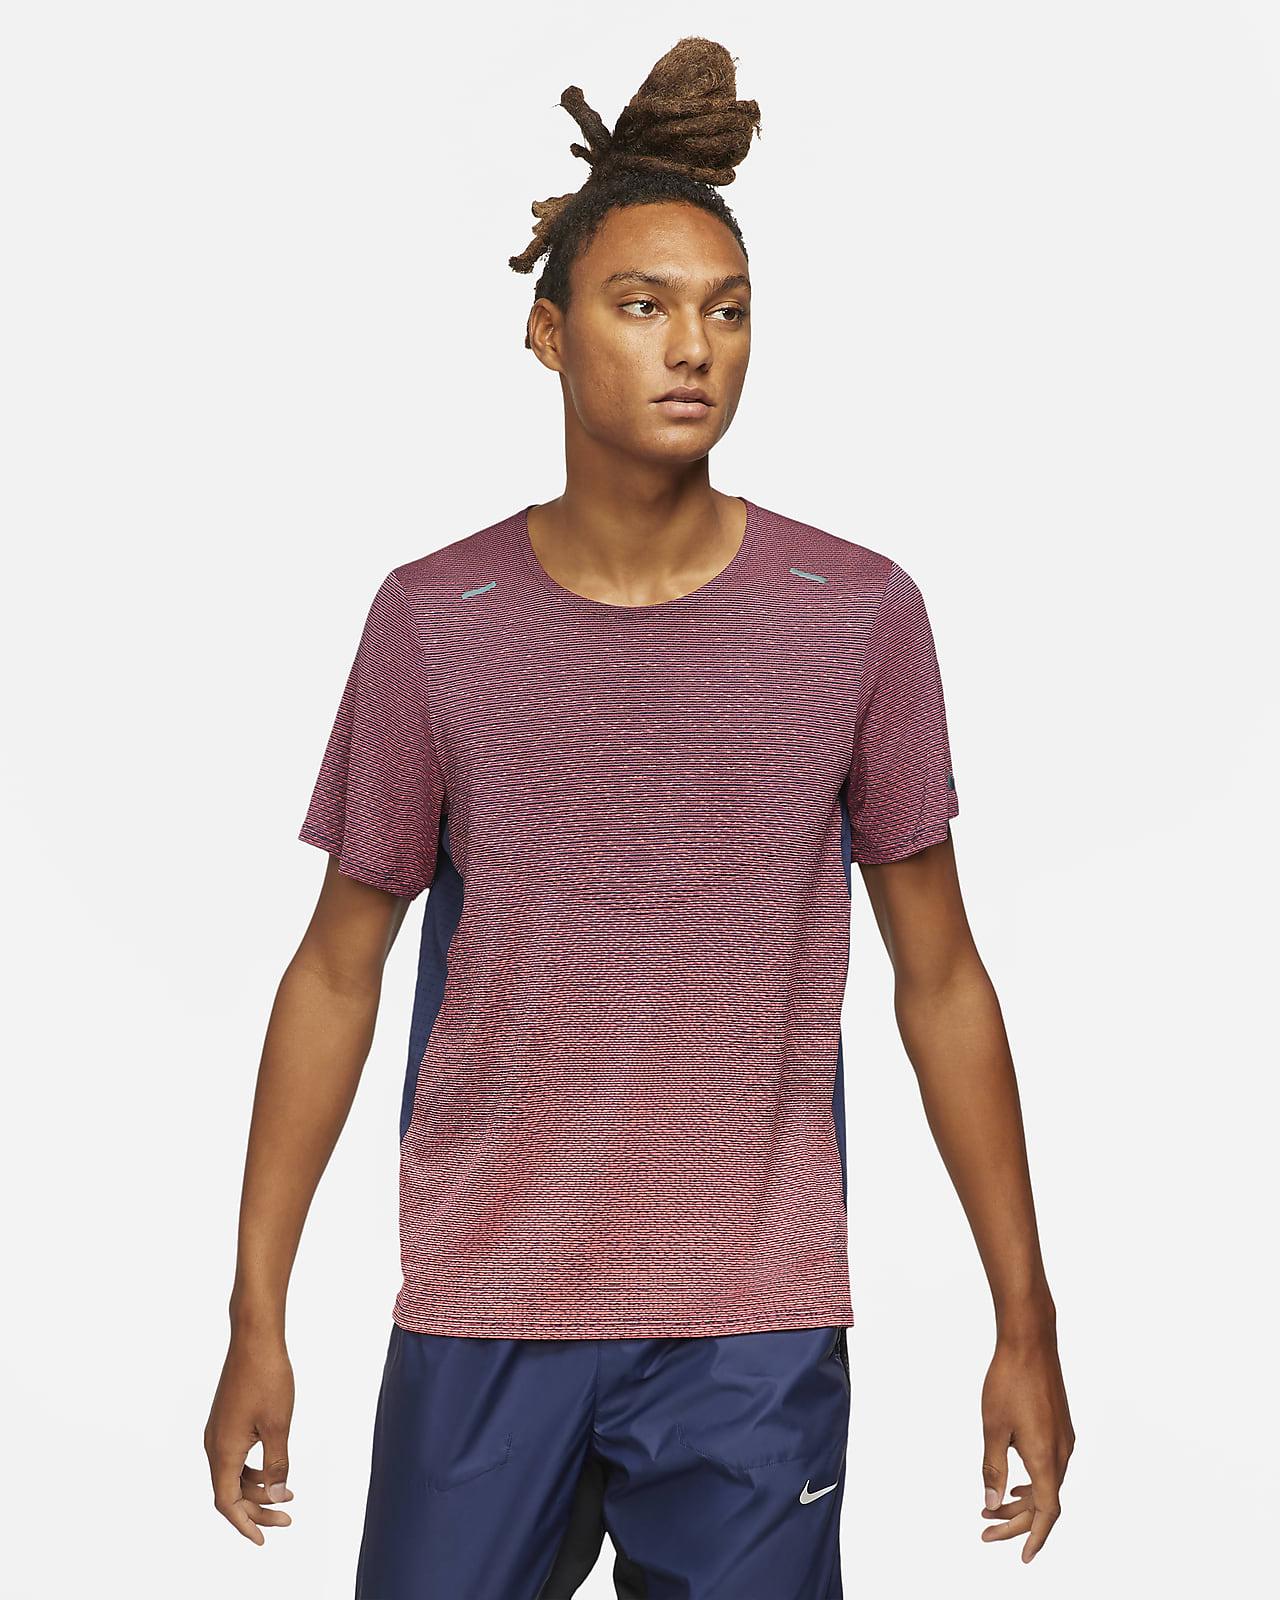 Pánské běžecké tričko Nike Pinnacle Run Division skrátkým rukávem